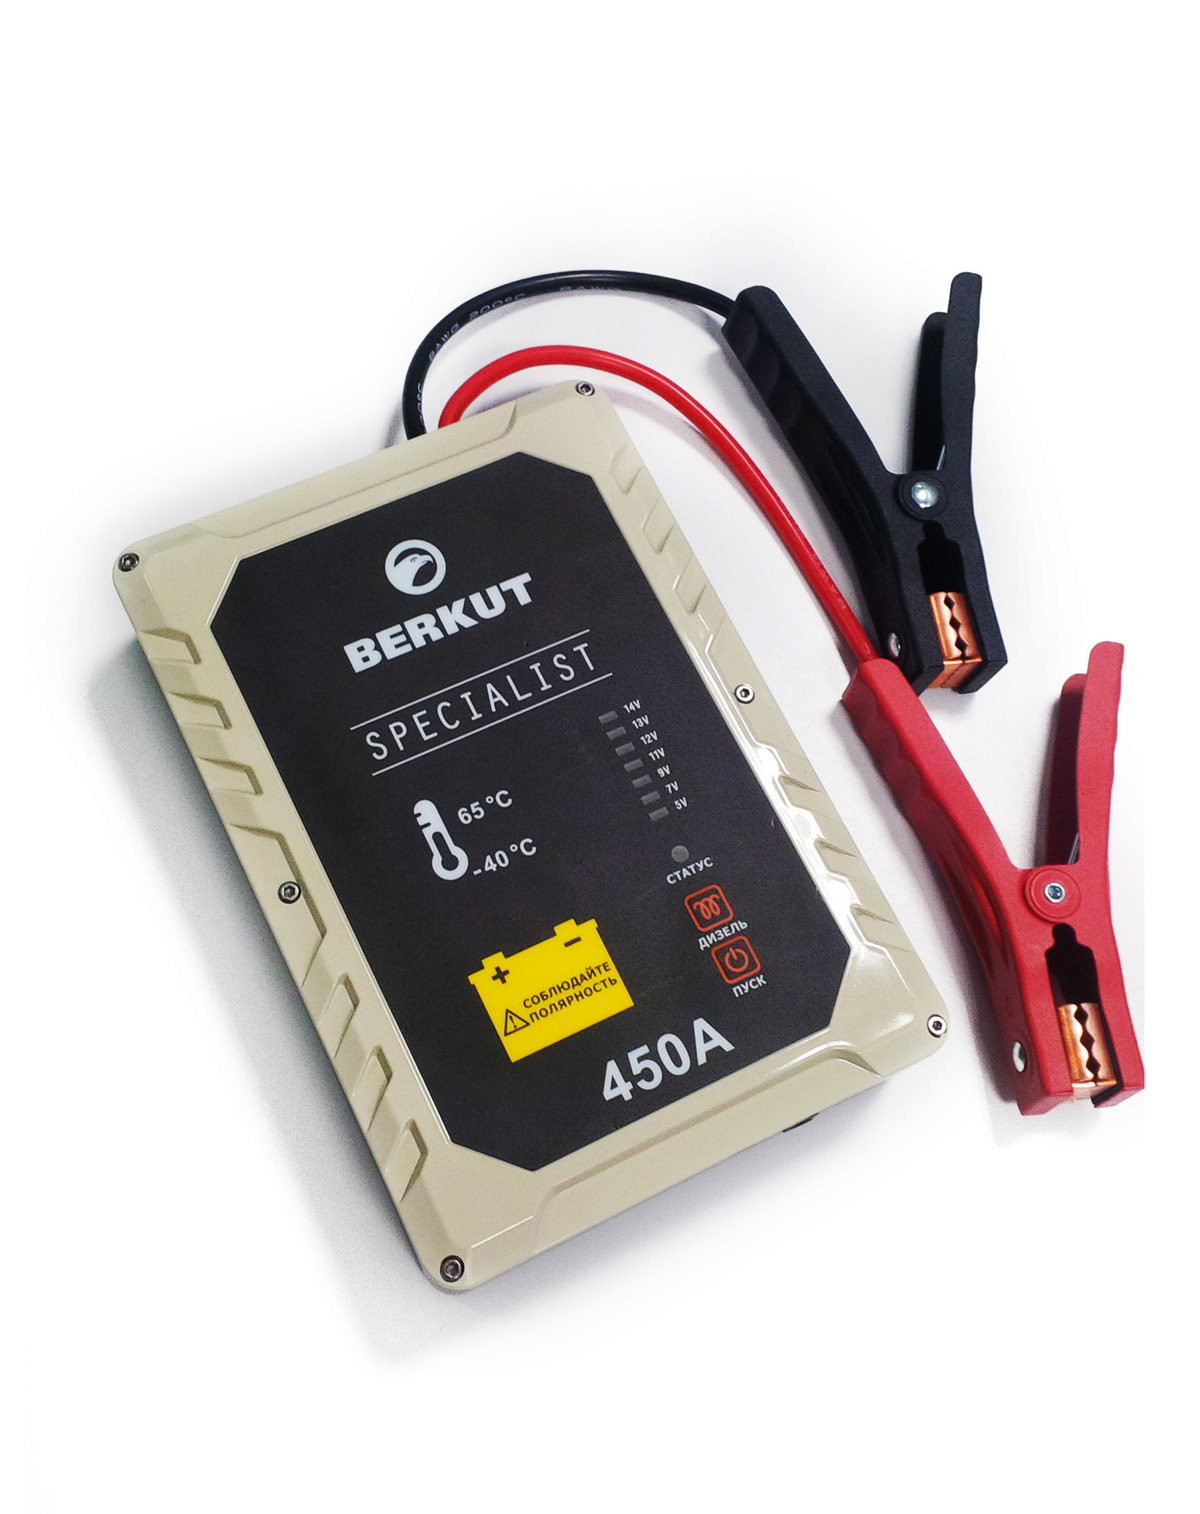 Пуско-зарядное устройство Berkut. JSC450JSC-450Это специальное пусковое автомобильное устройство конденсаторного типа предназначено для аварийного запуска двигателя транспортного средства в случае неисправной АКБ. Главным достоинством устройства, отличающим его от прочих аналогов, является отсутствие аккумуляторов. Вместо них применены электроконденсаторы сверхбольшой емкости (ионисторы). Применение конденсаторного накопителя заряда позволяет гарантированно запустить двигатель автомобиля как с основательно разряженной АКБ, причем даже в том случае, когда ее остаточная емкость составляет всего 5%, так и без аккумулятора с предварительной зарядкой от АКБ или розетки прикуривателя другого автомобиля, а также от зарядного устройства с разъемом микро USB. Пусковое устройство рекомендовано для любых типов транспортных средств с бензиновым двигателем до 4500 см.куб. и дизельным двигателем до 3000 см.куб и напряжением бортовой сети 12В. Технические характеристики:- Напряжение на клеммах: 12 В- Пусковой ток: 450 A- Тип конденсаторов: пусковые, импульсные- Время зарядки от АКБ: до 5 мин- Время зарядки от прикуривателя 12V: 15-20 мин- Время зарядки от Мини USB 5V: 2-3 часа- Количество попыток запуска при полной зарядке: не более одного пуска- Диапазон температур для запуска и хранения: -40 °C +65 °C- Вход Micro USB: 5В (2000 мА)- Вход для зарядки: 12В (10 А) Функциональные особенности:- Не требует подзарядки во время хранения- Готов к использованию вне зависимости от продолжительности хранения- Режим для запуска двигателя автомобиля без аккумулятора- Специальный режим запуска дизеля с предварительным прогревом свечей- Встроенный вольтметр для определения напряжение аккумулятора автомобиля- Отсутствие падение емкости заряда с понижением температур- Нет снижения емкости заряда связанные со старением устройства- Защита от переполюсовки (неправильной полярности)- Защита от короткого замыкания- Цикл заряд/разряд до 10 000 раз- Срок годности - более 10 лет